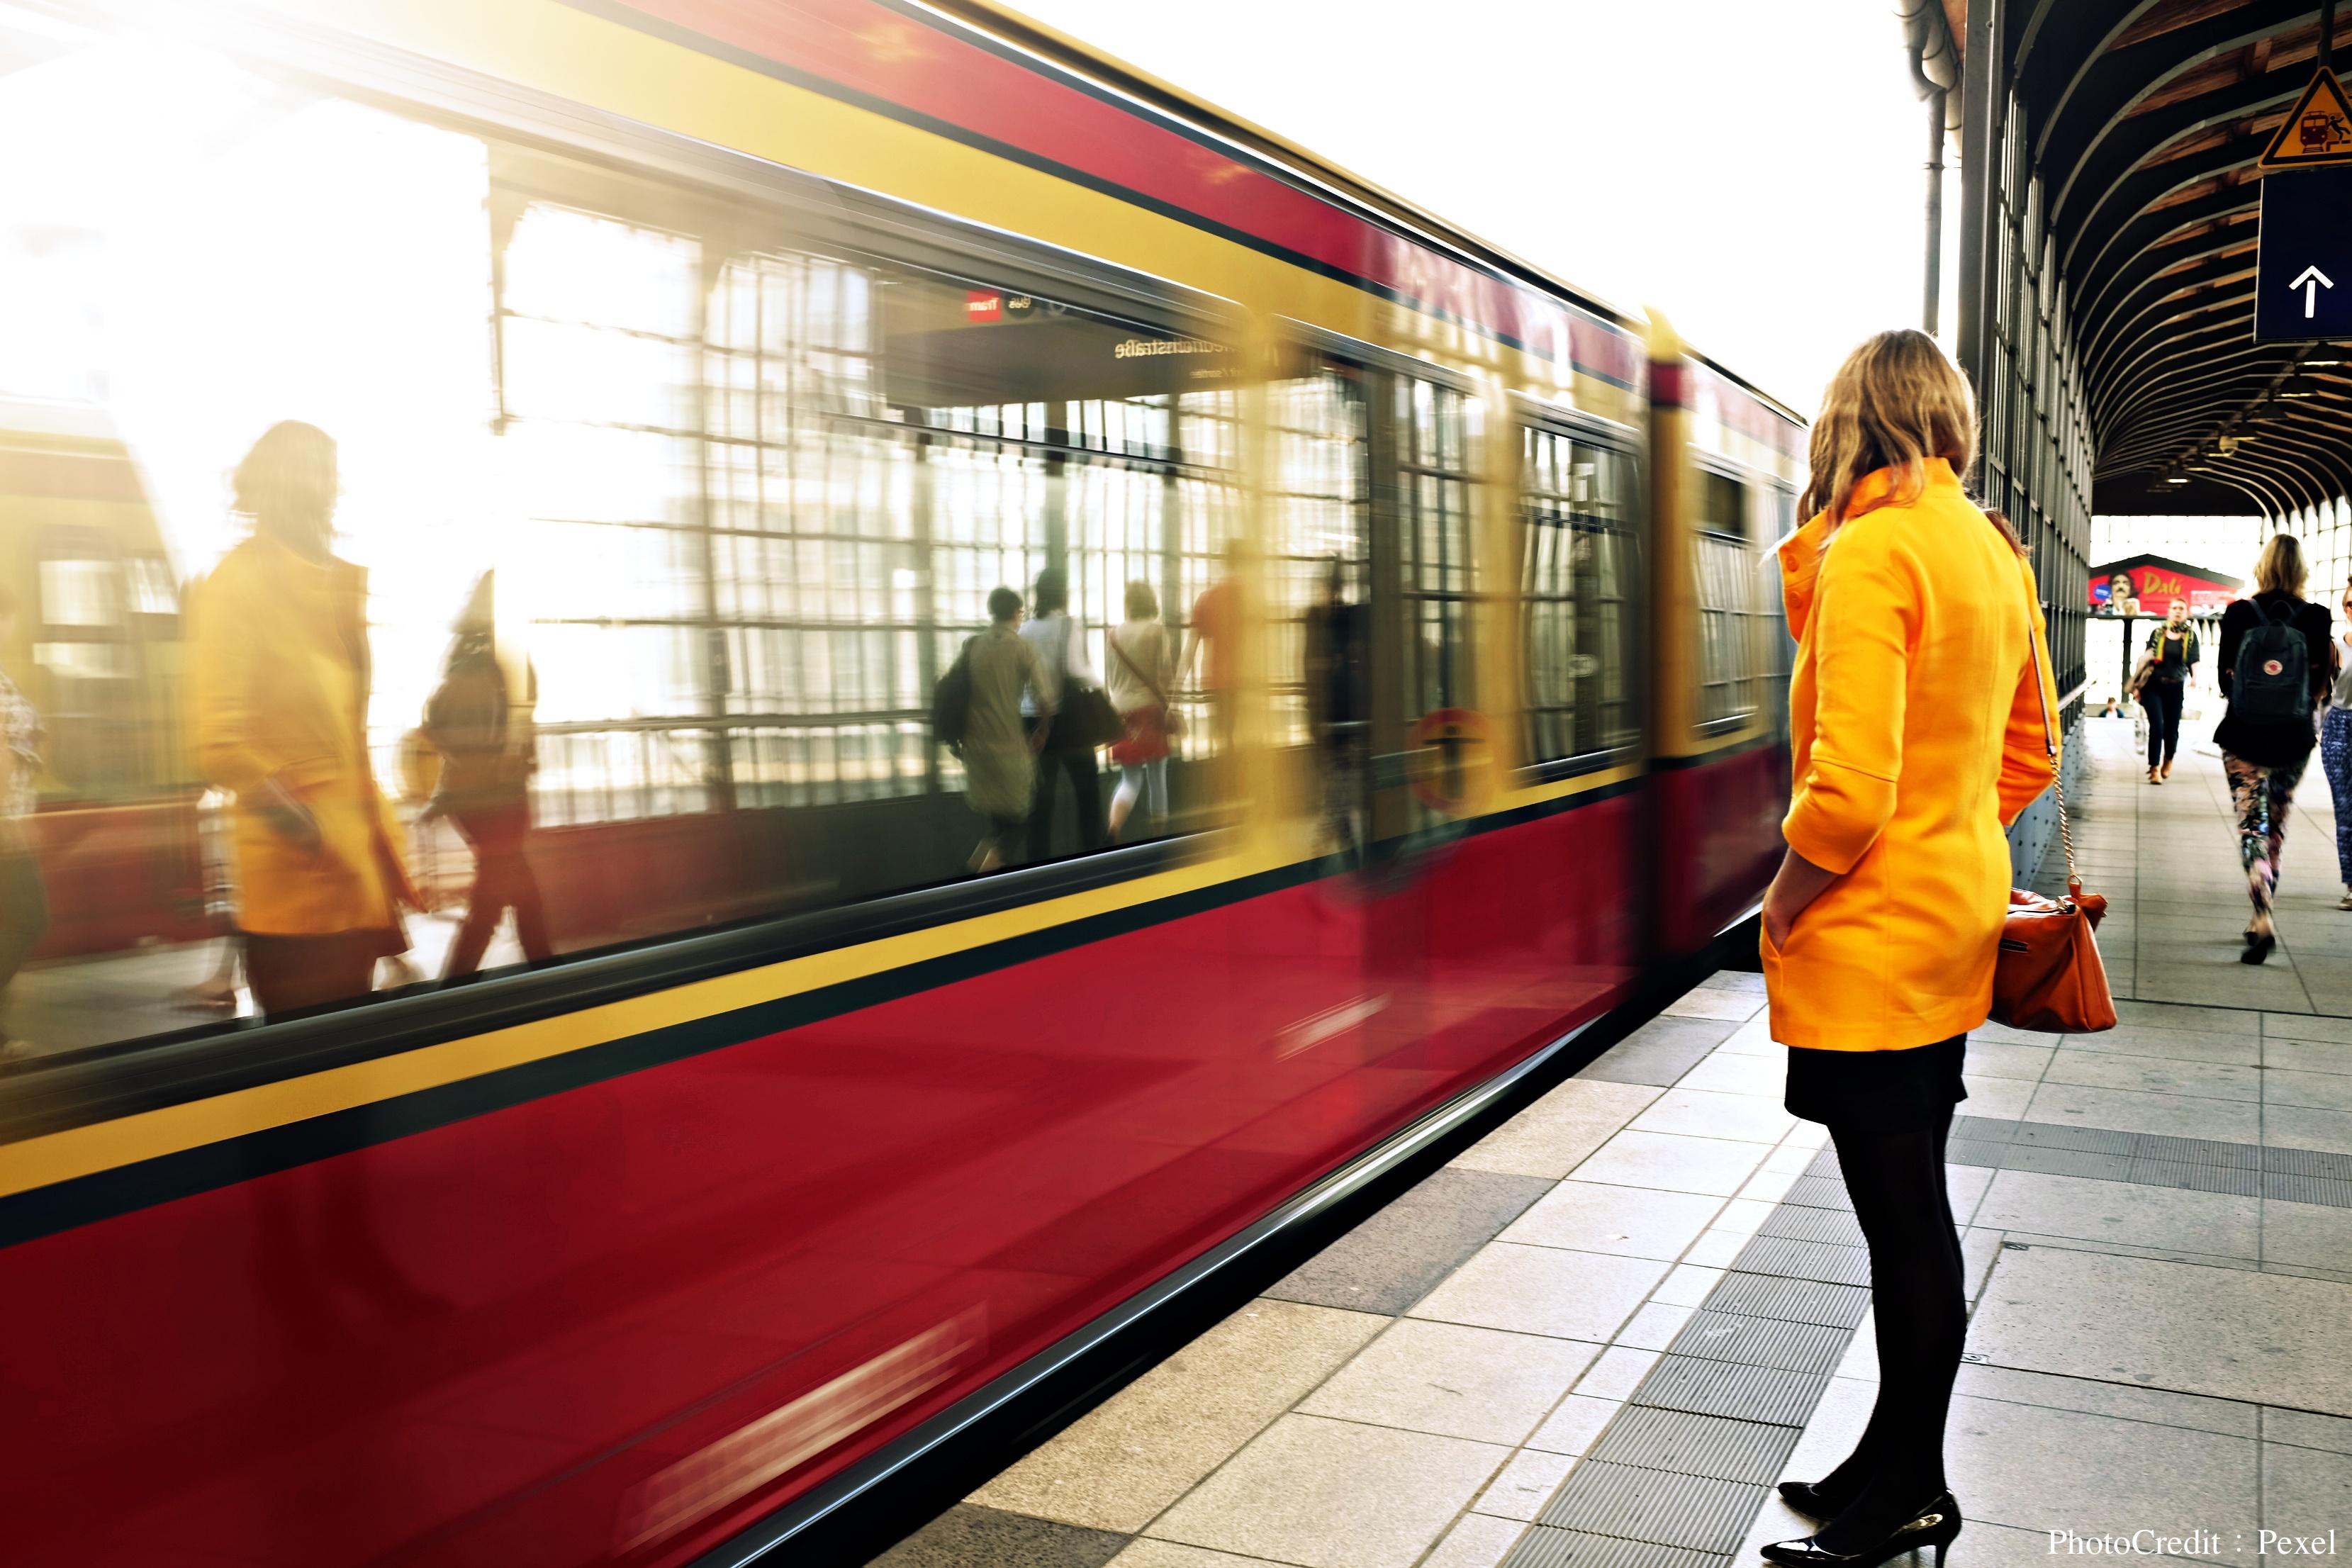 別急躁!梵谷用他畫的最好那幅畫告訴我們,剝橘子、搭火車都是生命中最重要的事